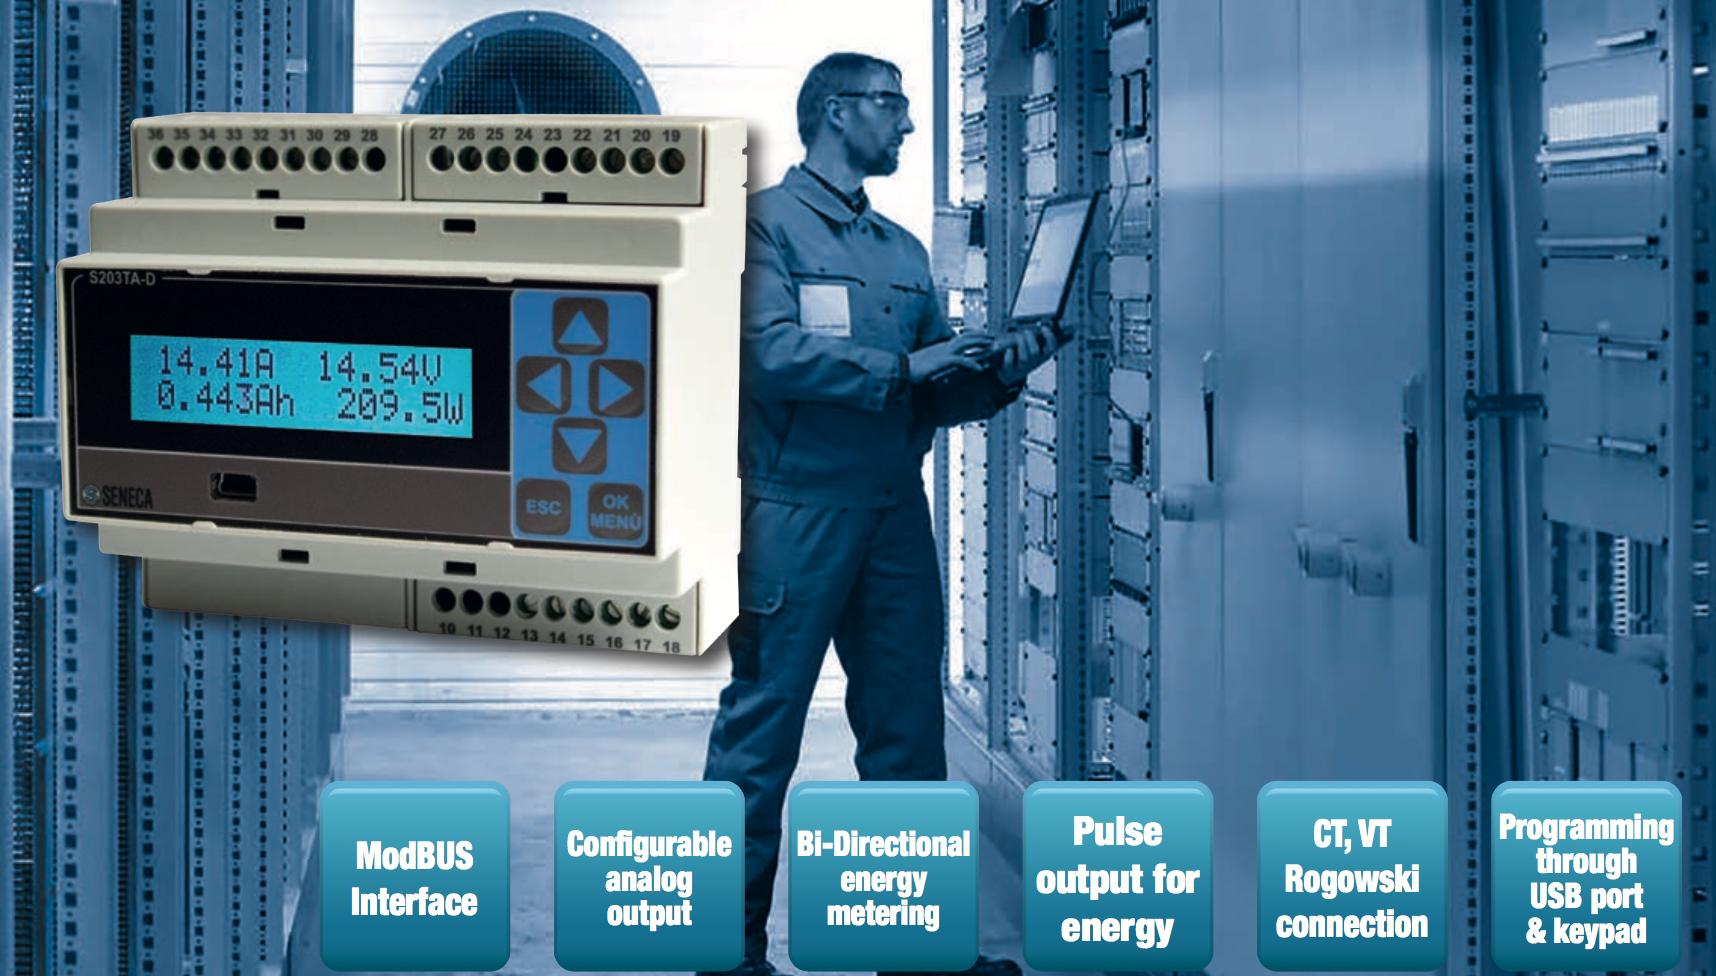 Bộ đo công suất S203TA-D